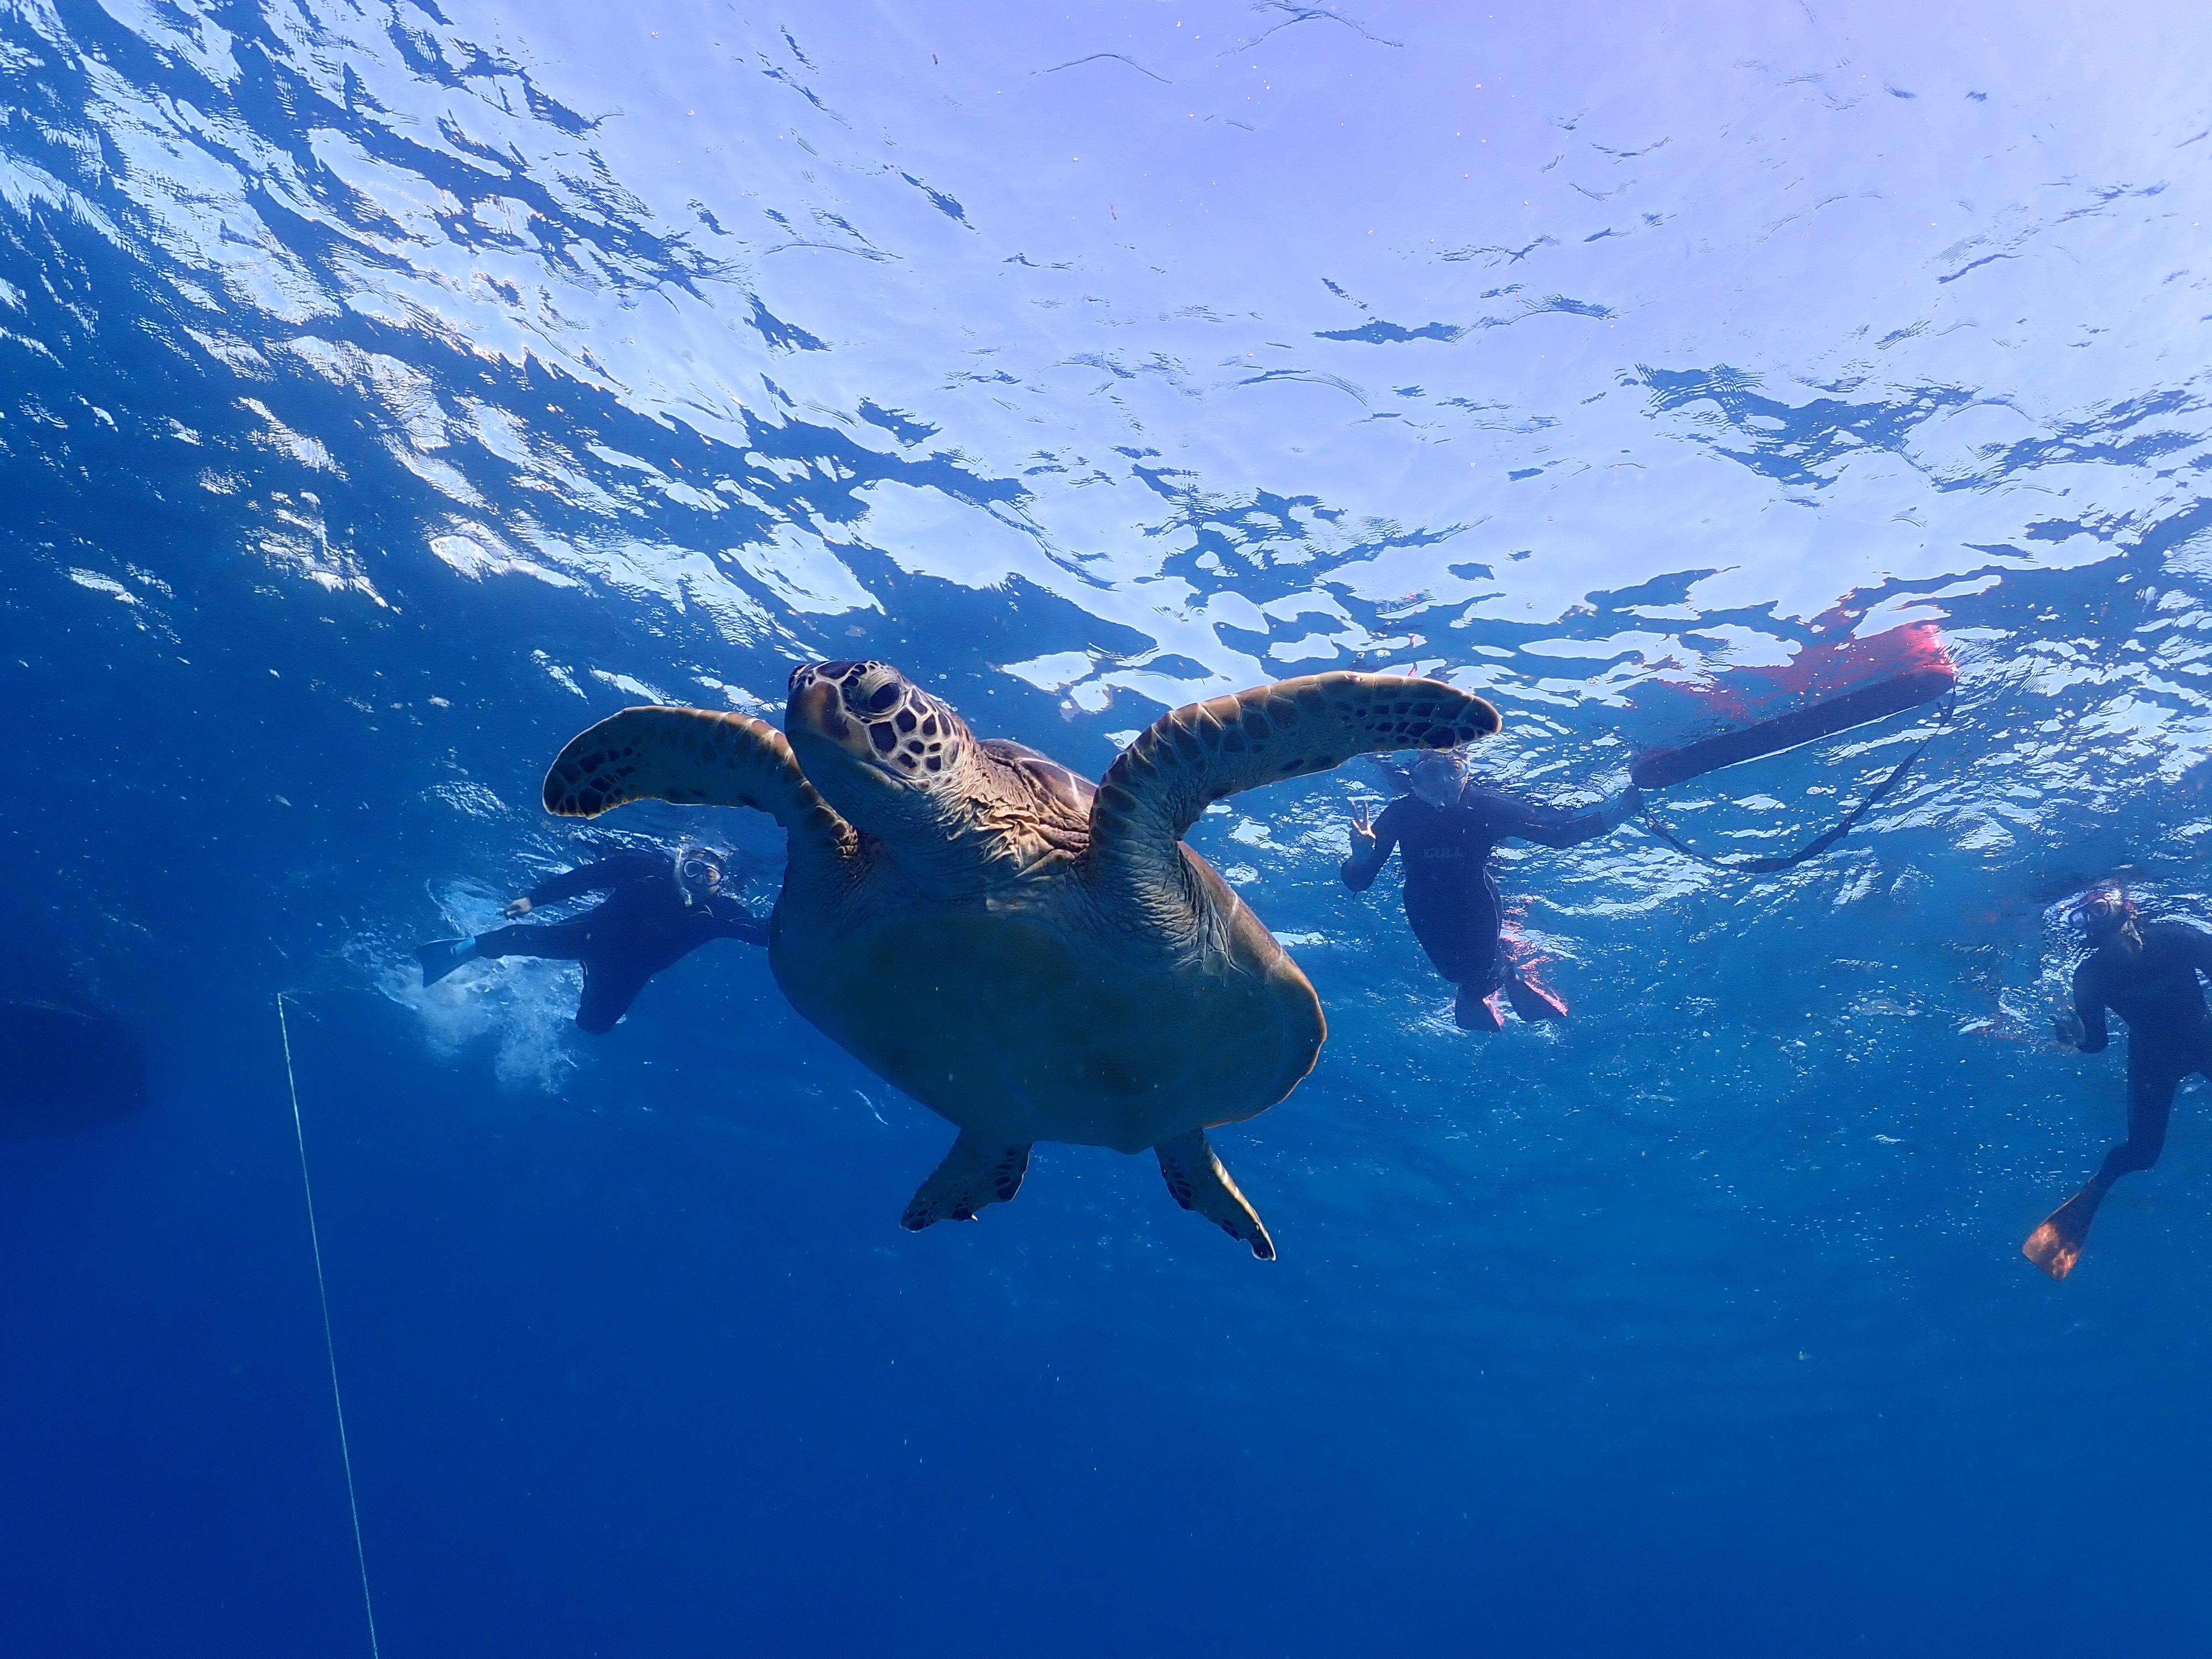 カワイイウミガメと一緒に泳ごう!